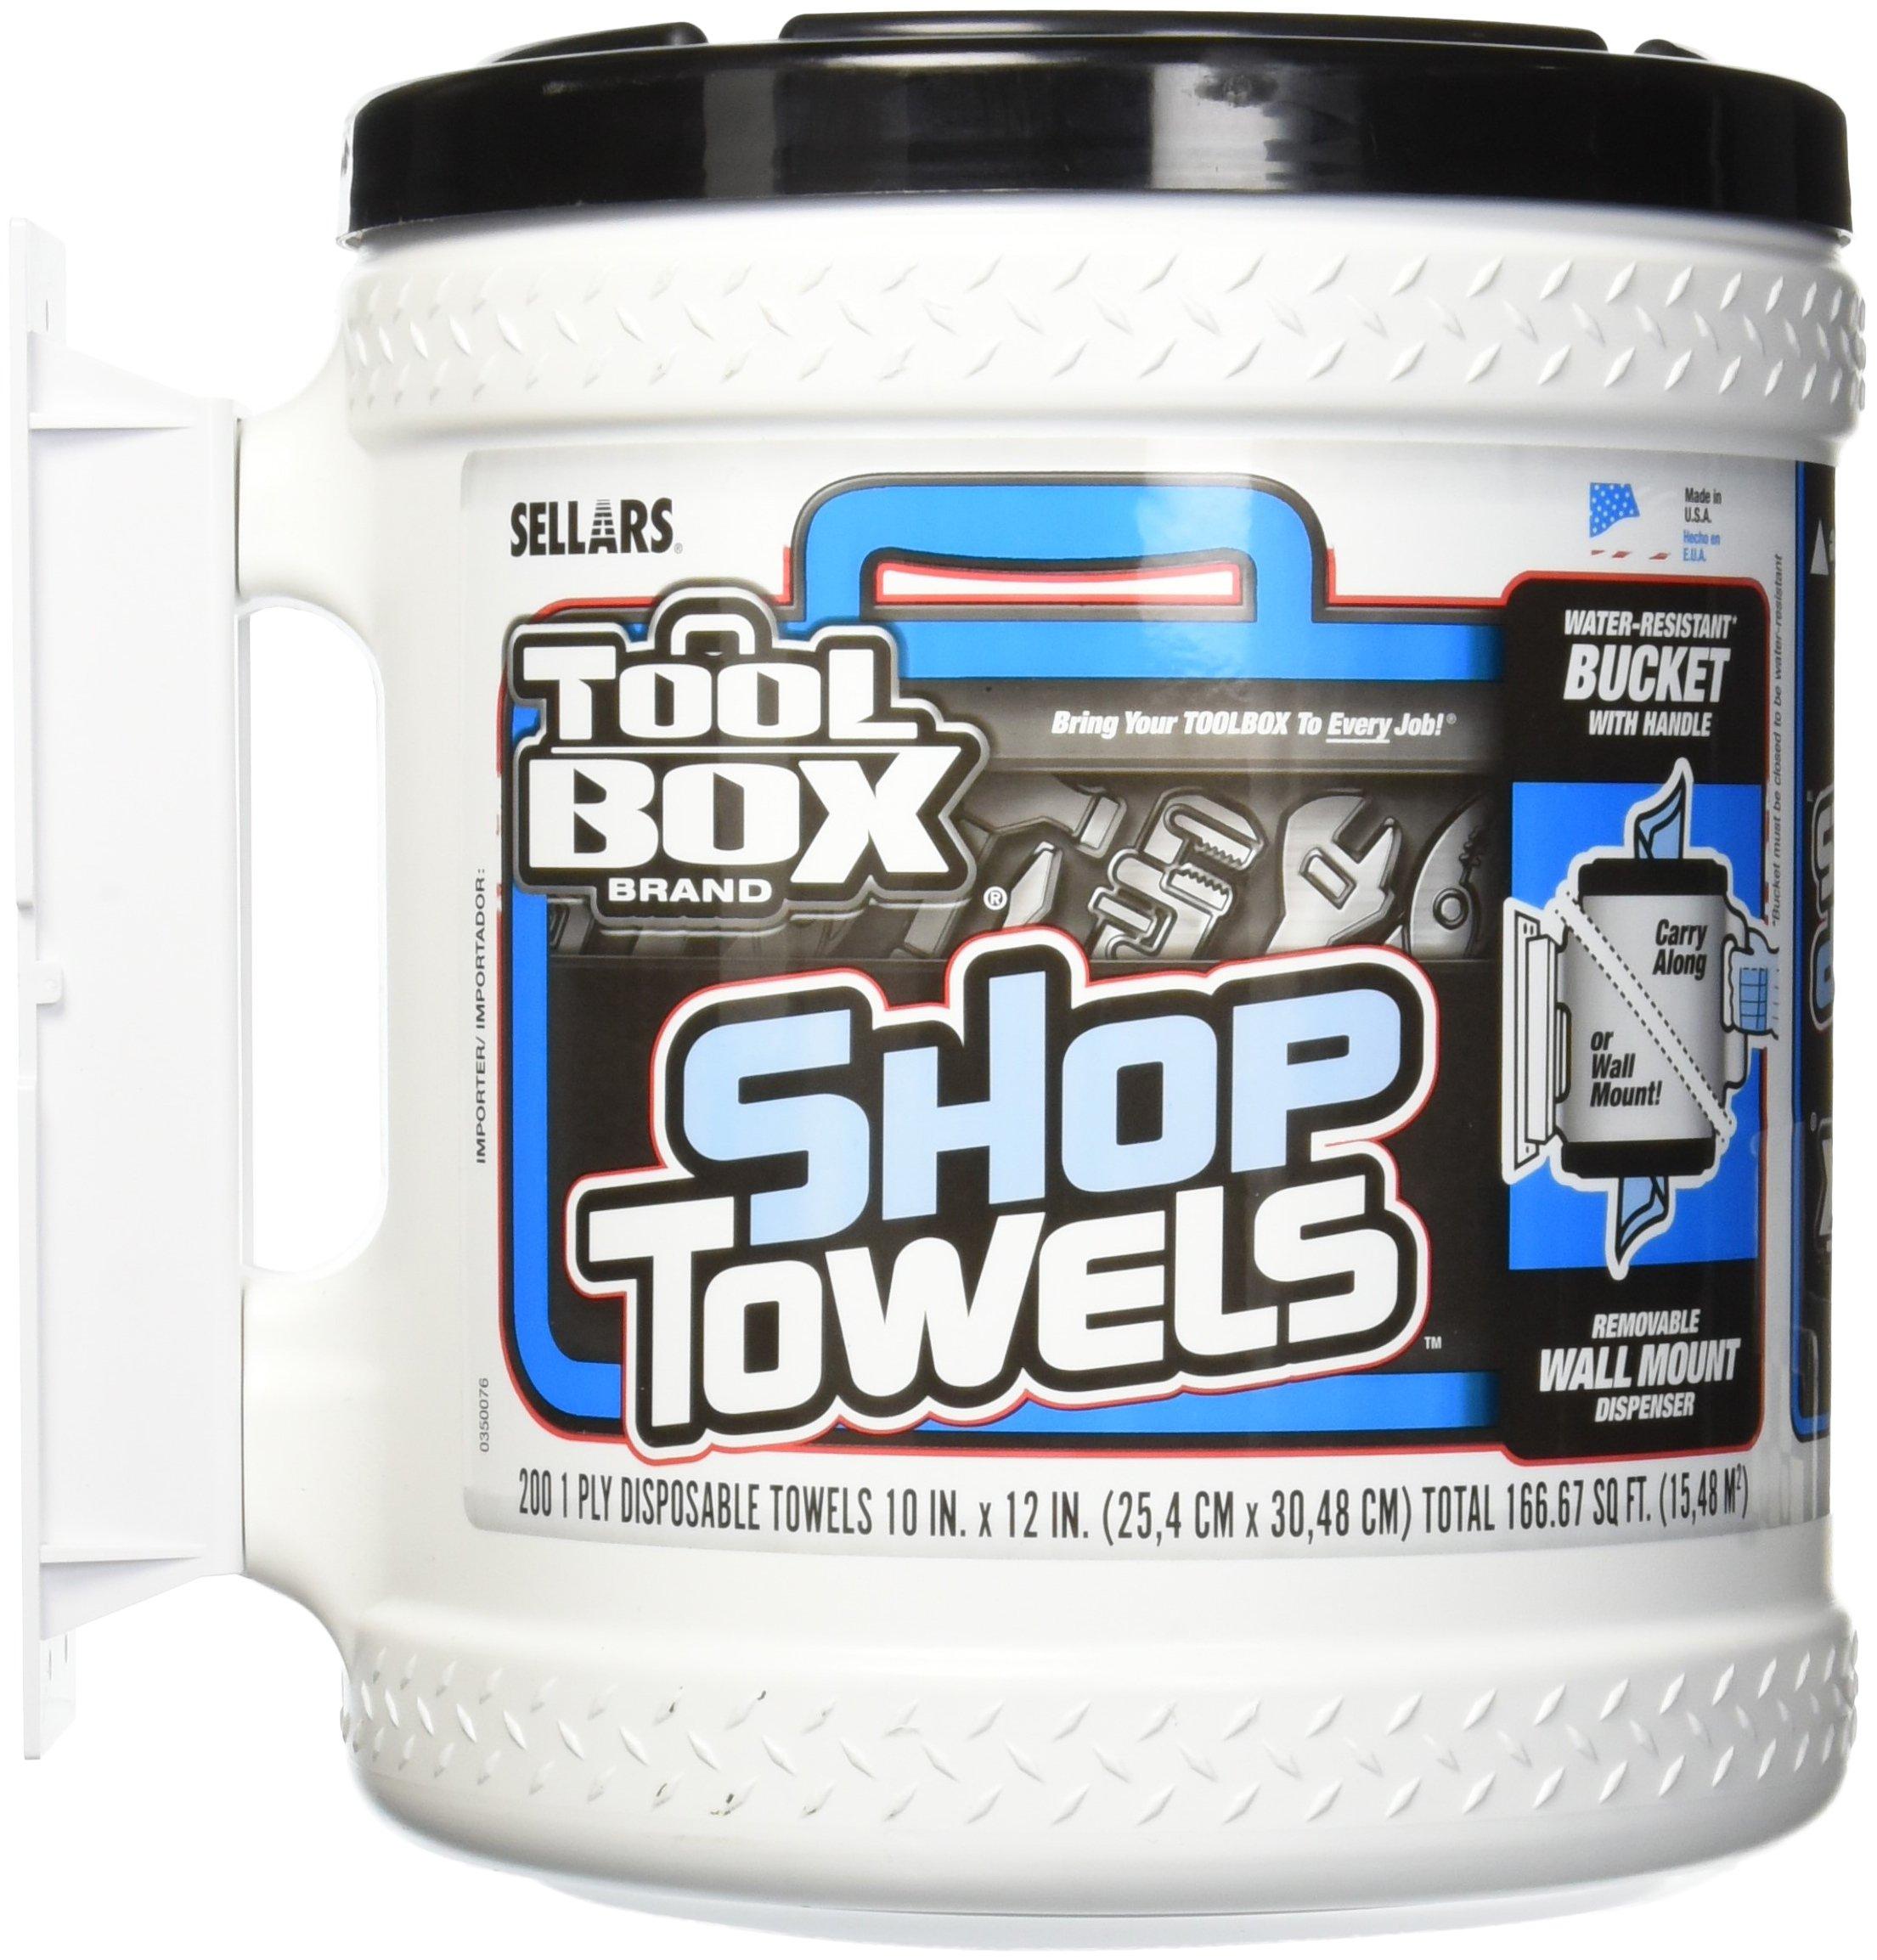 Sellers Z400 Big Grip Bucket of Shop Towels